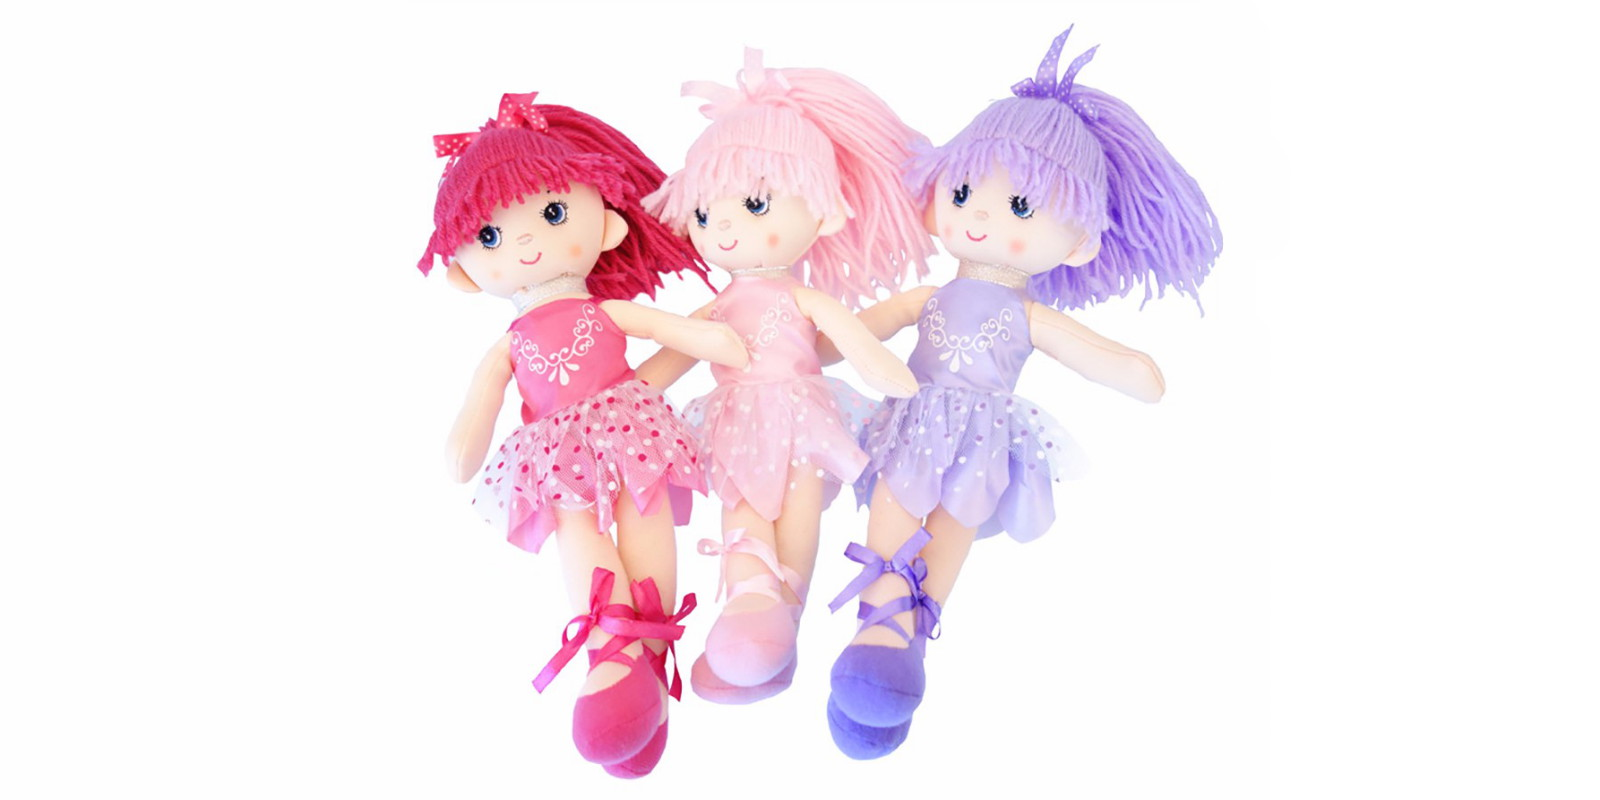 Картинки танец кукол для детей